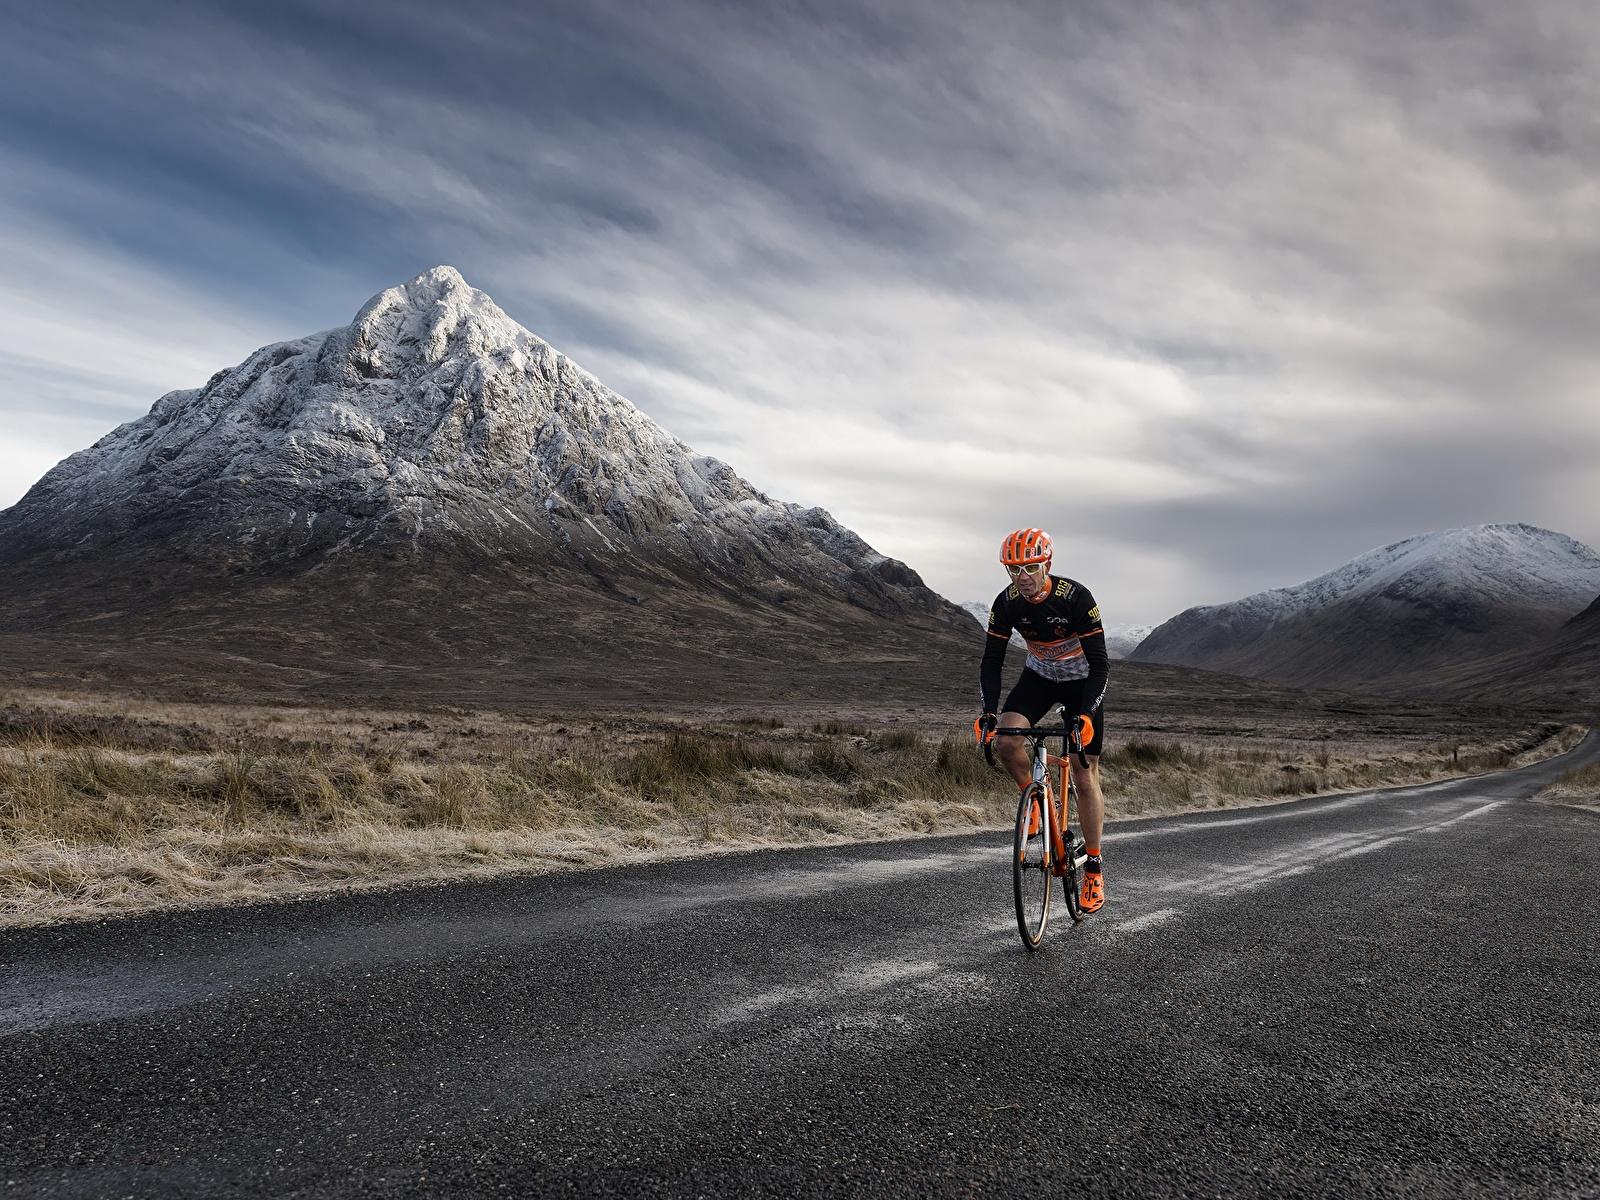 Фотографии Велосипед Горы Природа Дороги Движение 1600x1200 велосипеды велосипеде гора едет едущий едущая скорость